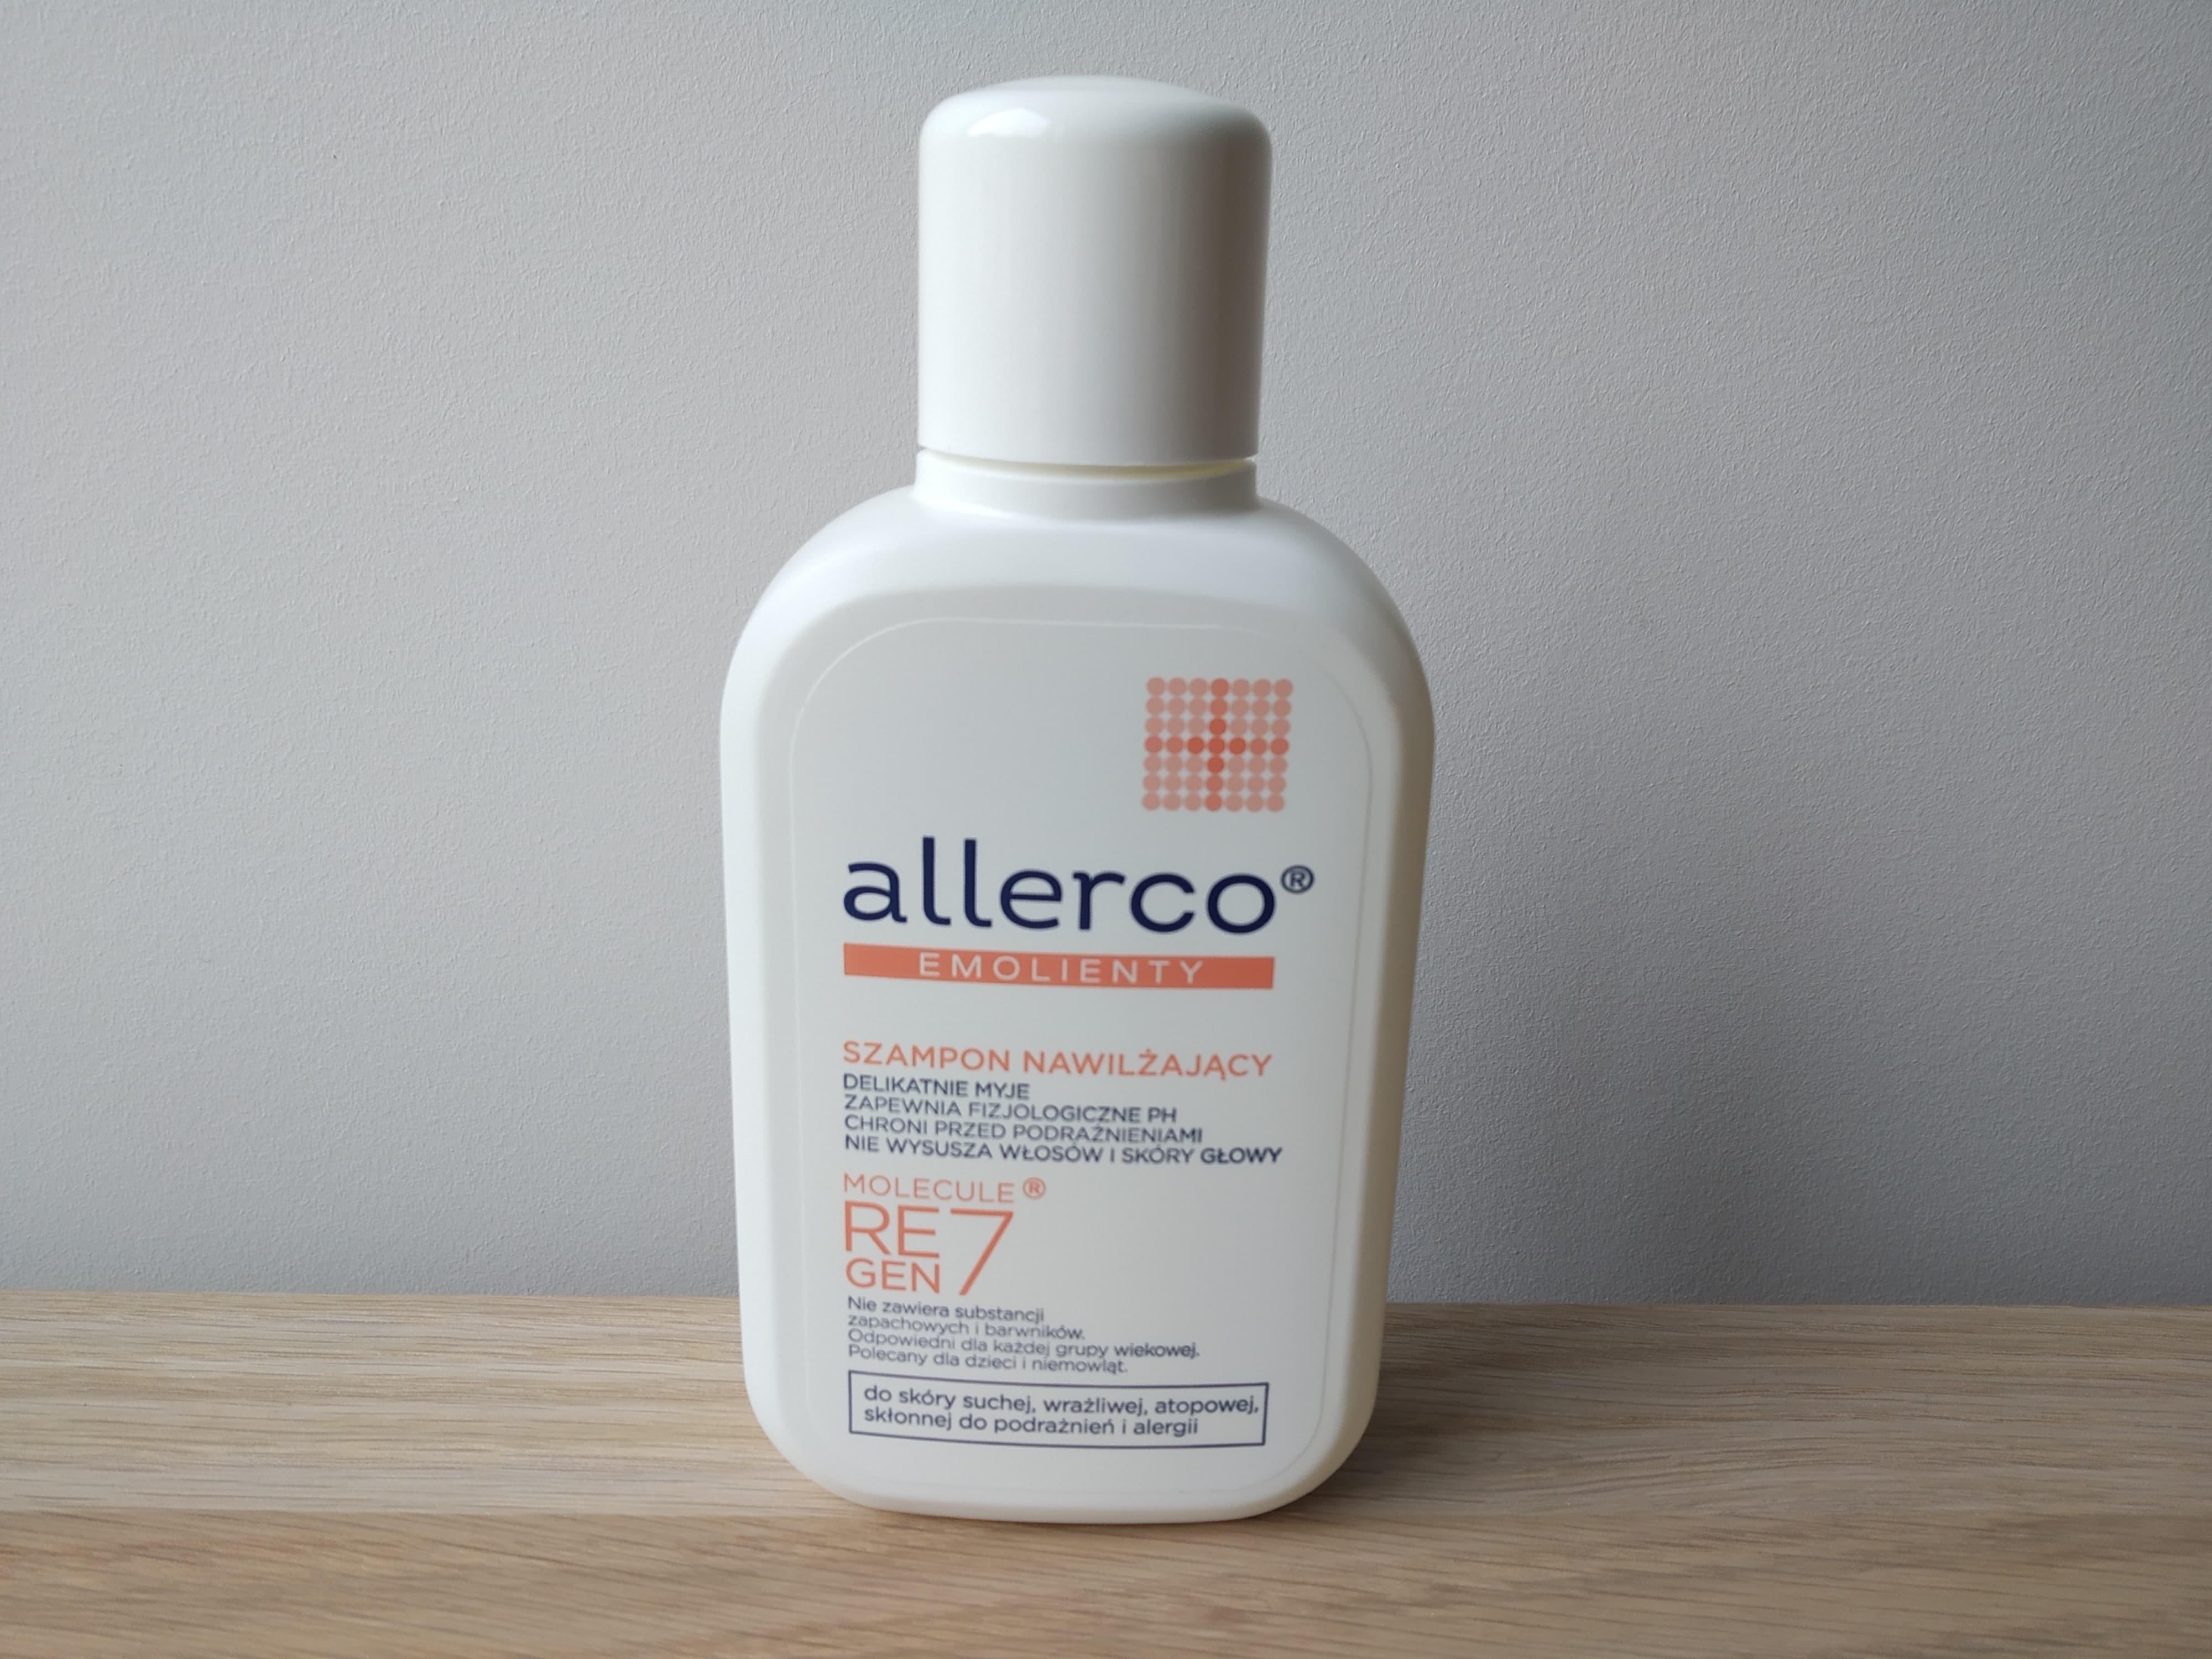 emolienty Allerco - skóra sucha, wrażliwa, atopowa